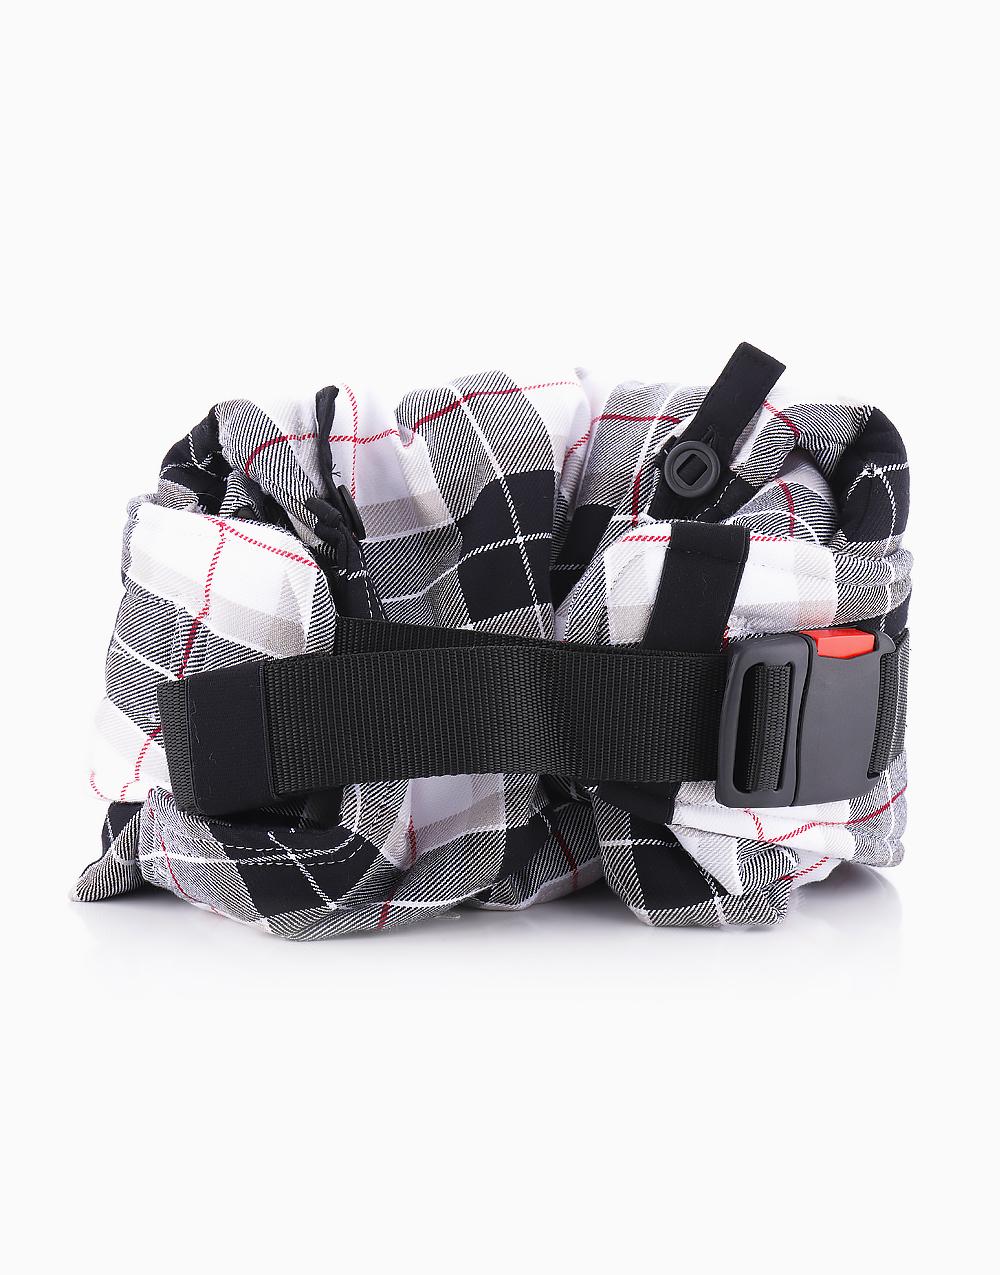 Lennyhybrid Adjustable Half-buckle Baby Carrier (Arcadia Plaid) by Lennylamb